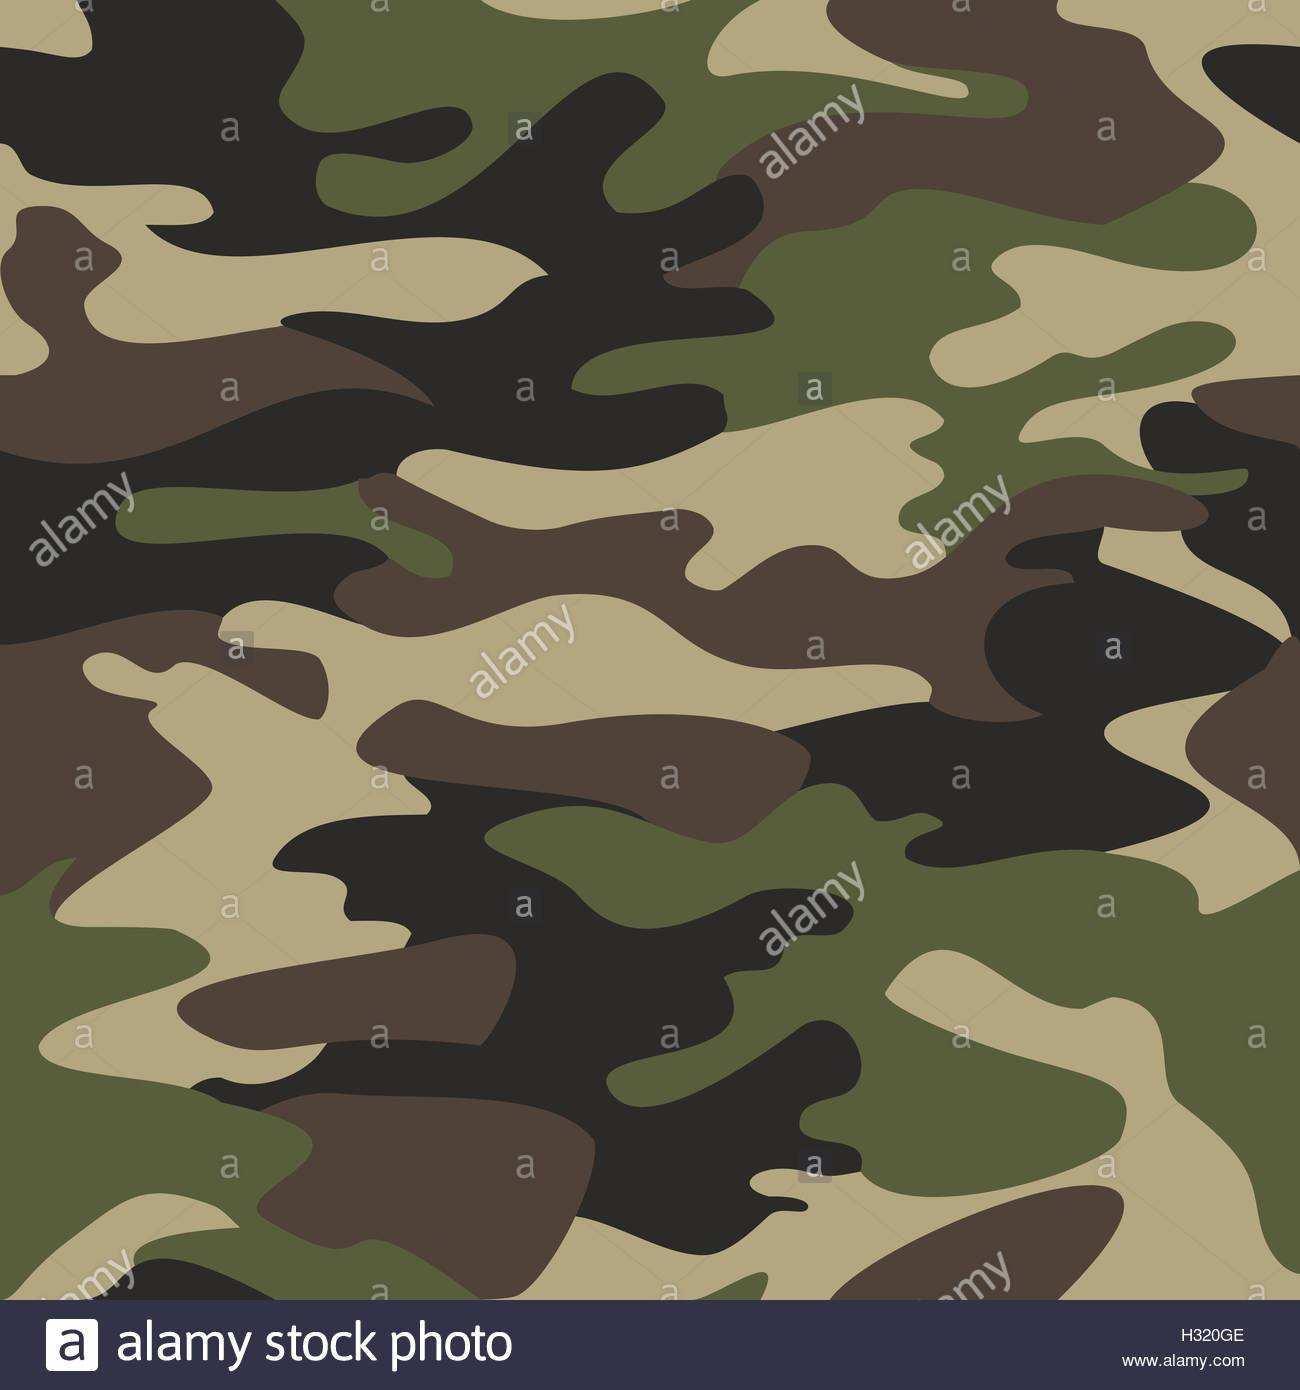 Camouflage Muster Hintergrund Nahtloser Vektor Illustration Klassische Kleidungsstil Maskierung Camo Wiederholten Druck Grun Braun Schwarz Stock Vektorgrafik Alamy